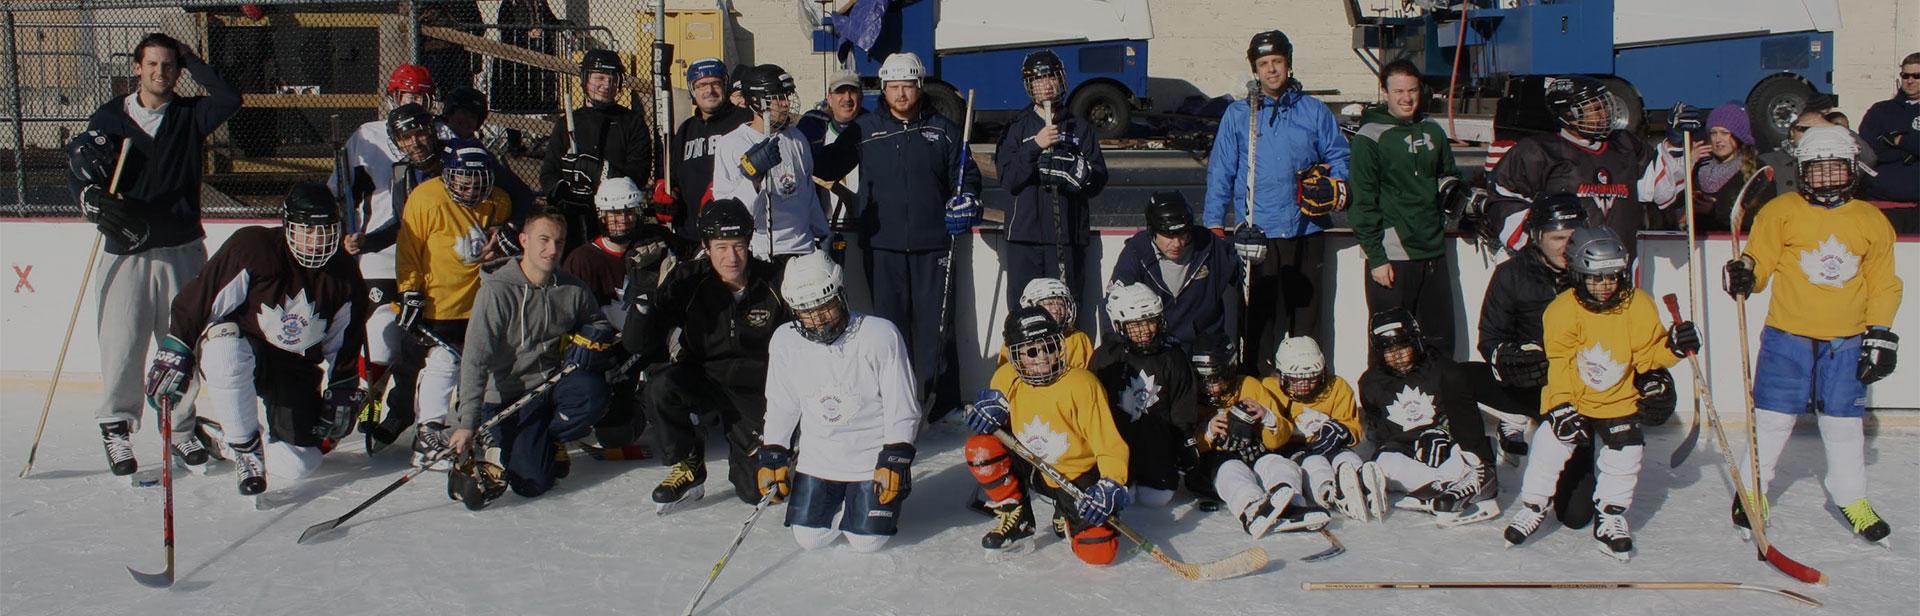 2014-hockey